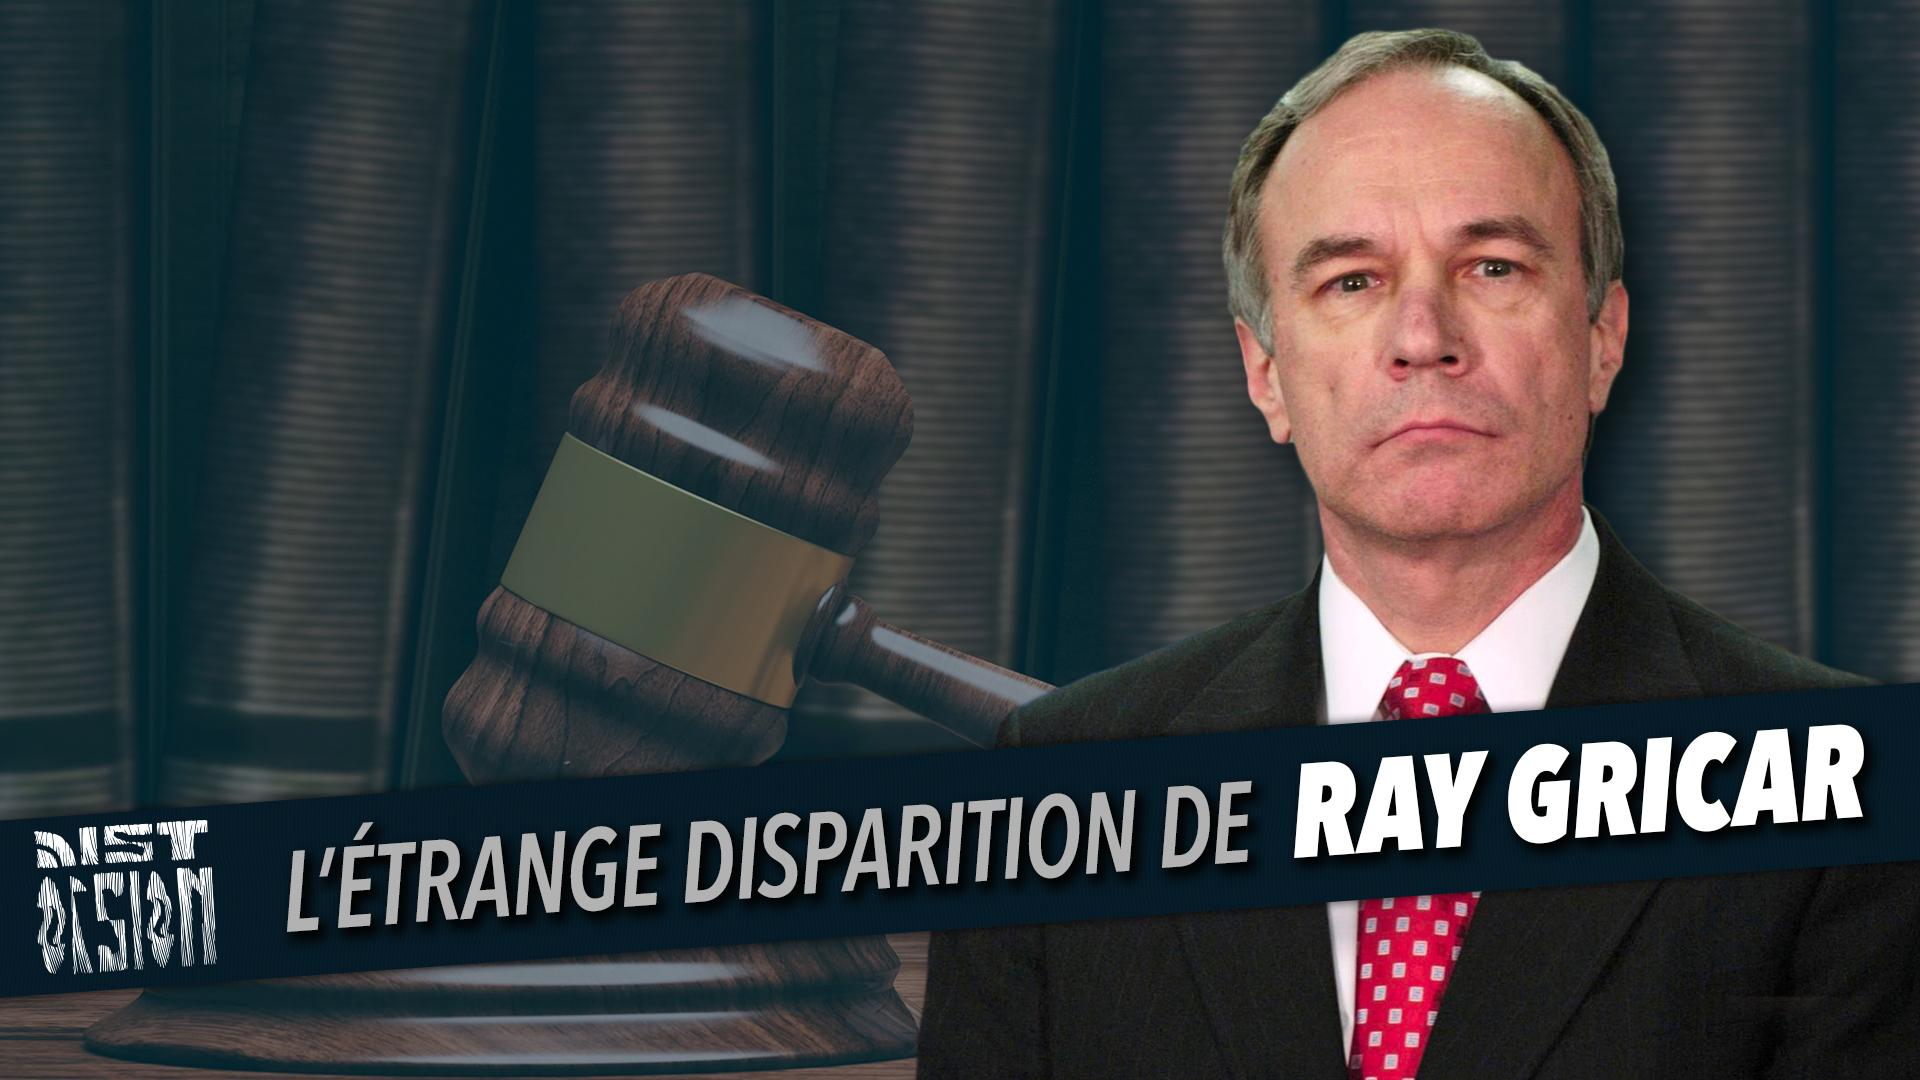 L'étrange disparition de Ray Gricar